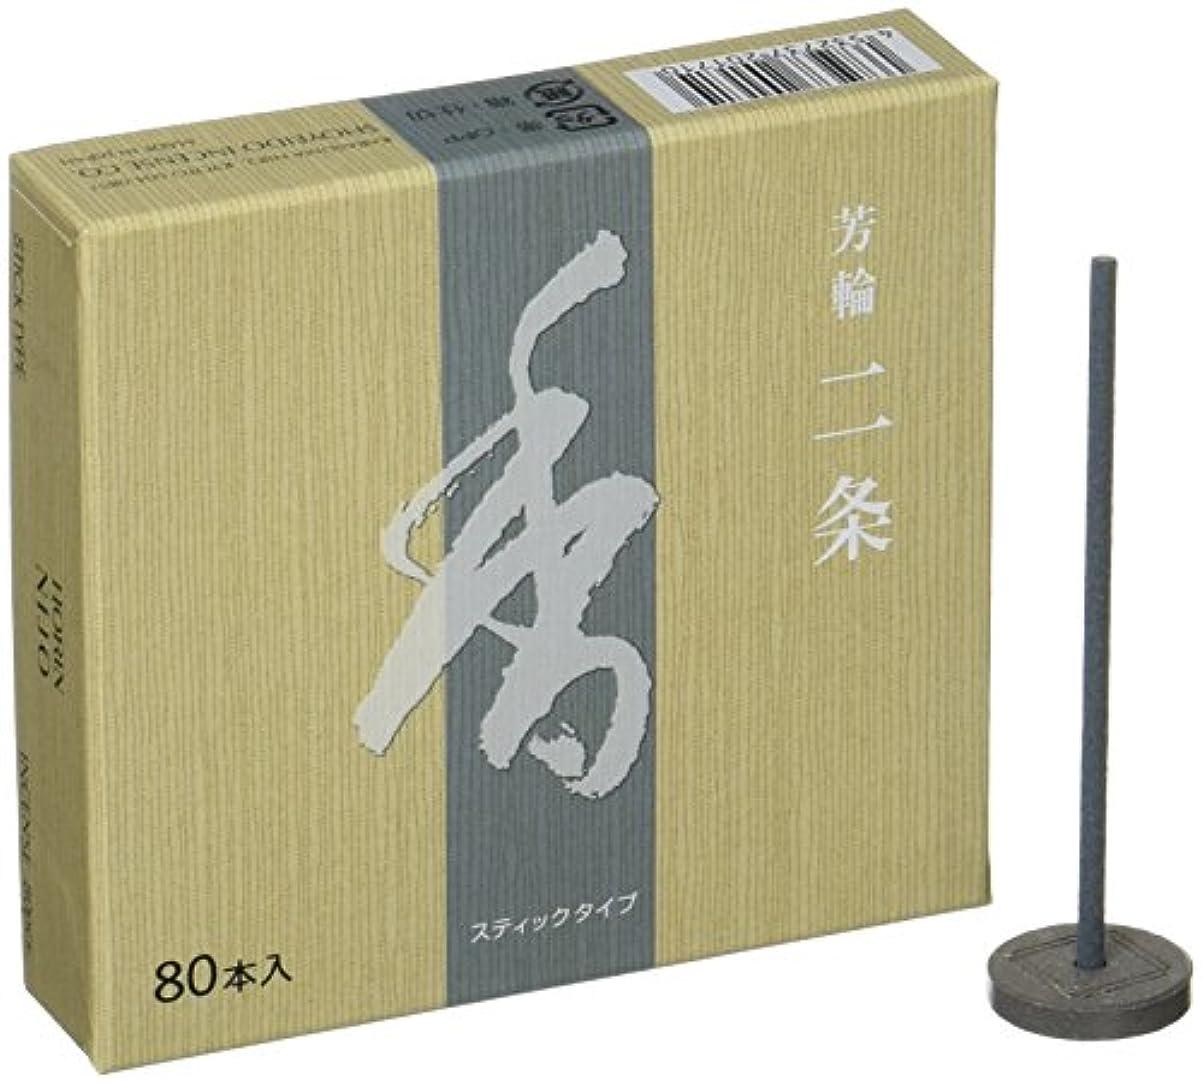 非アクティブたるみ電話をかける松栄堂 芳輪 二条 スティック型 80本入